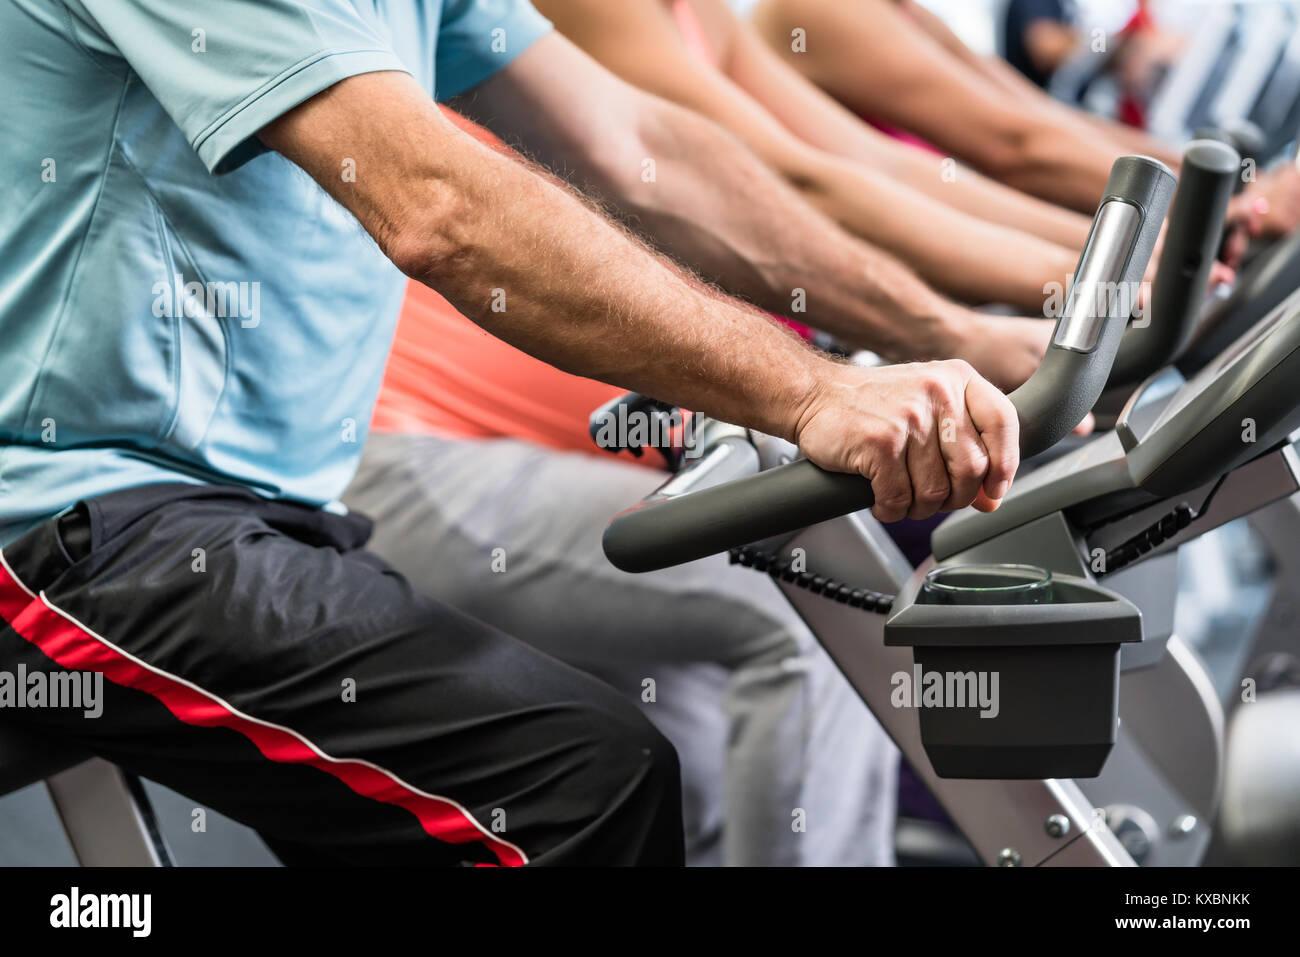 La filature du groupe à la salle de sport sur des vélos de remise en forme Photo Stock